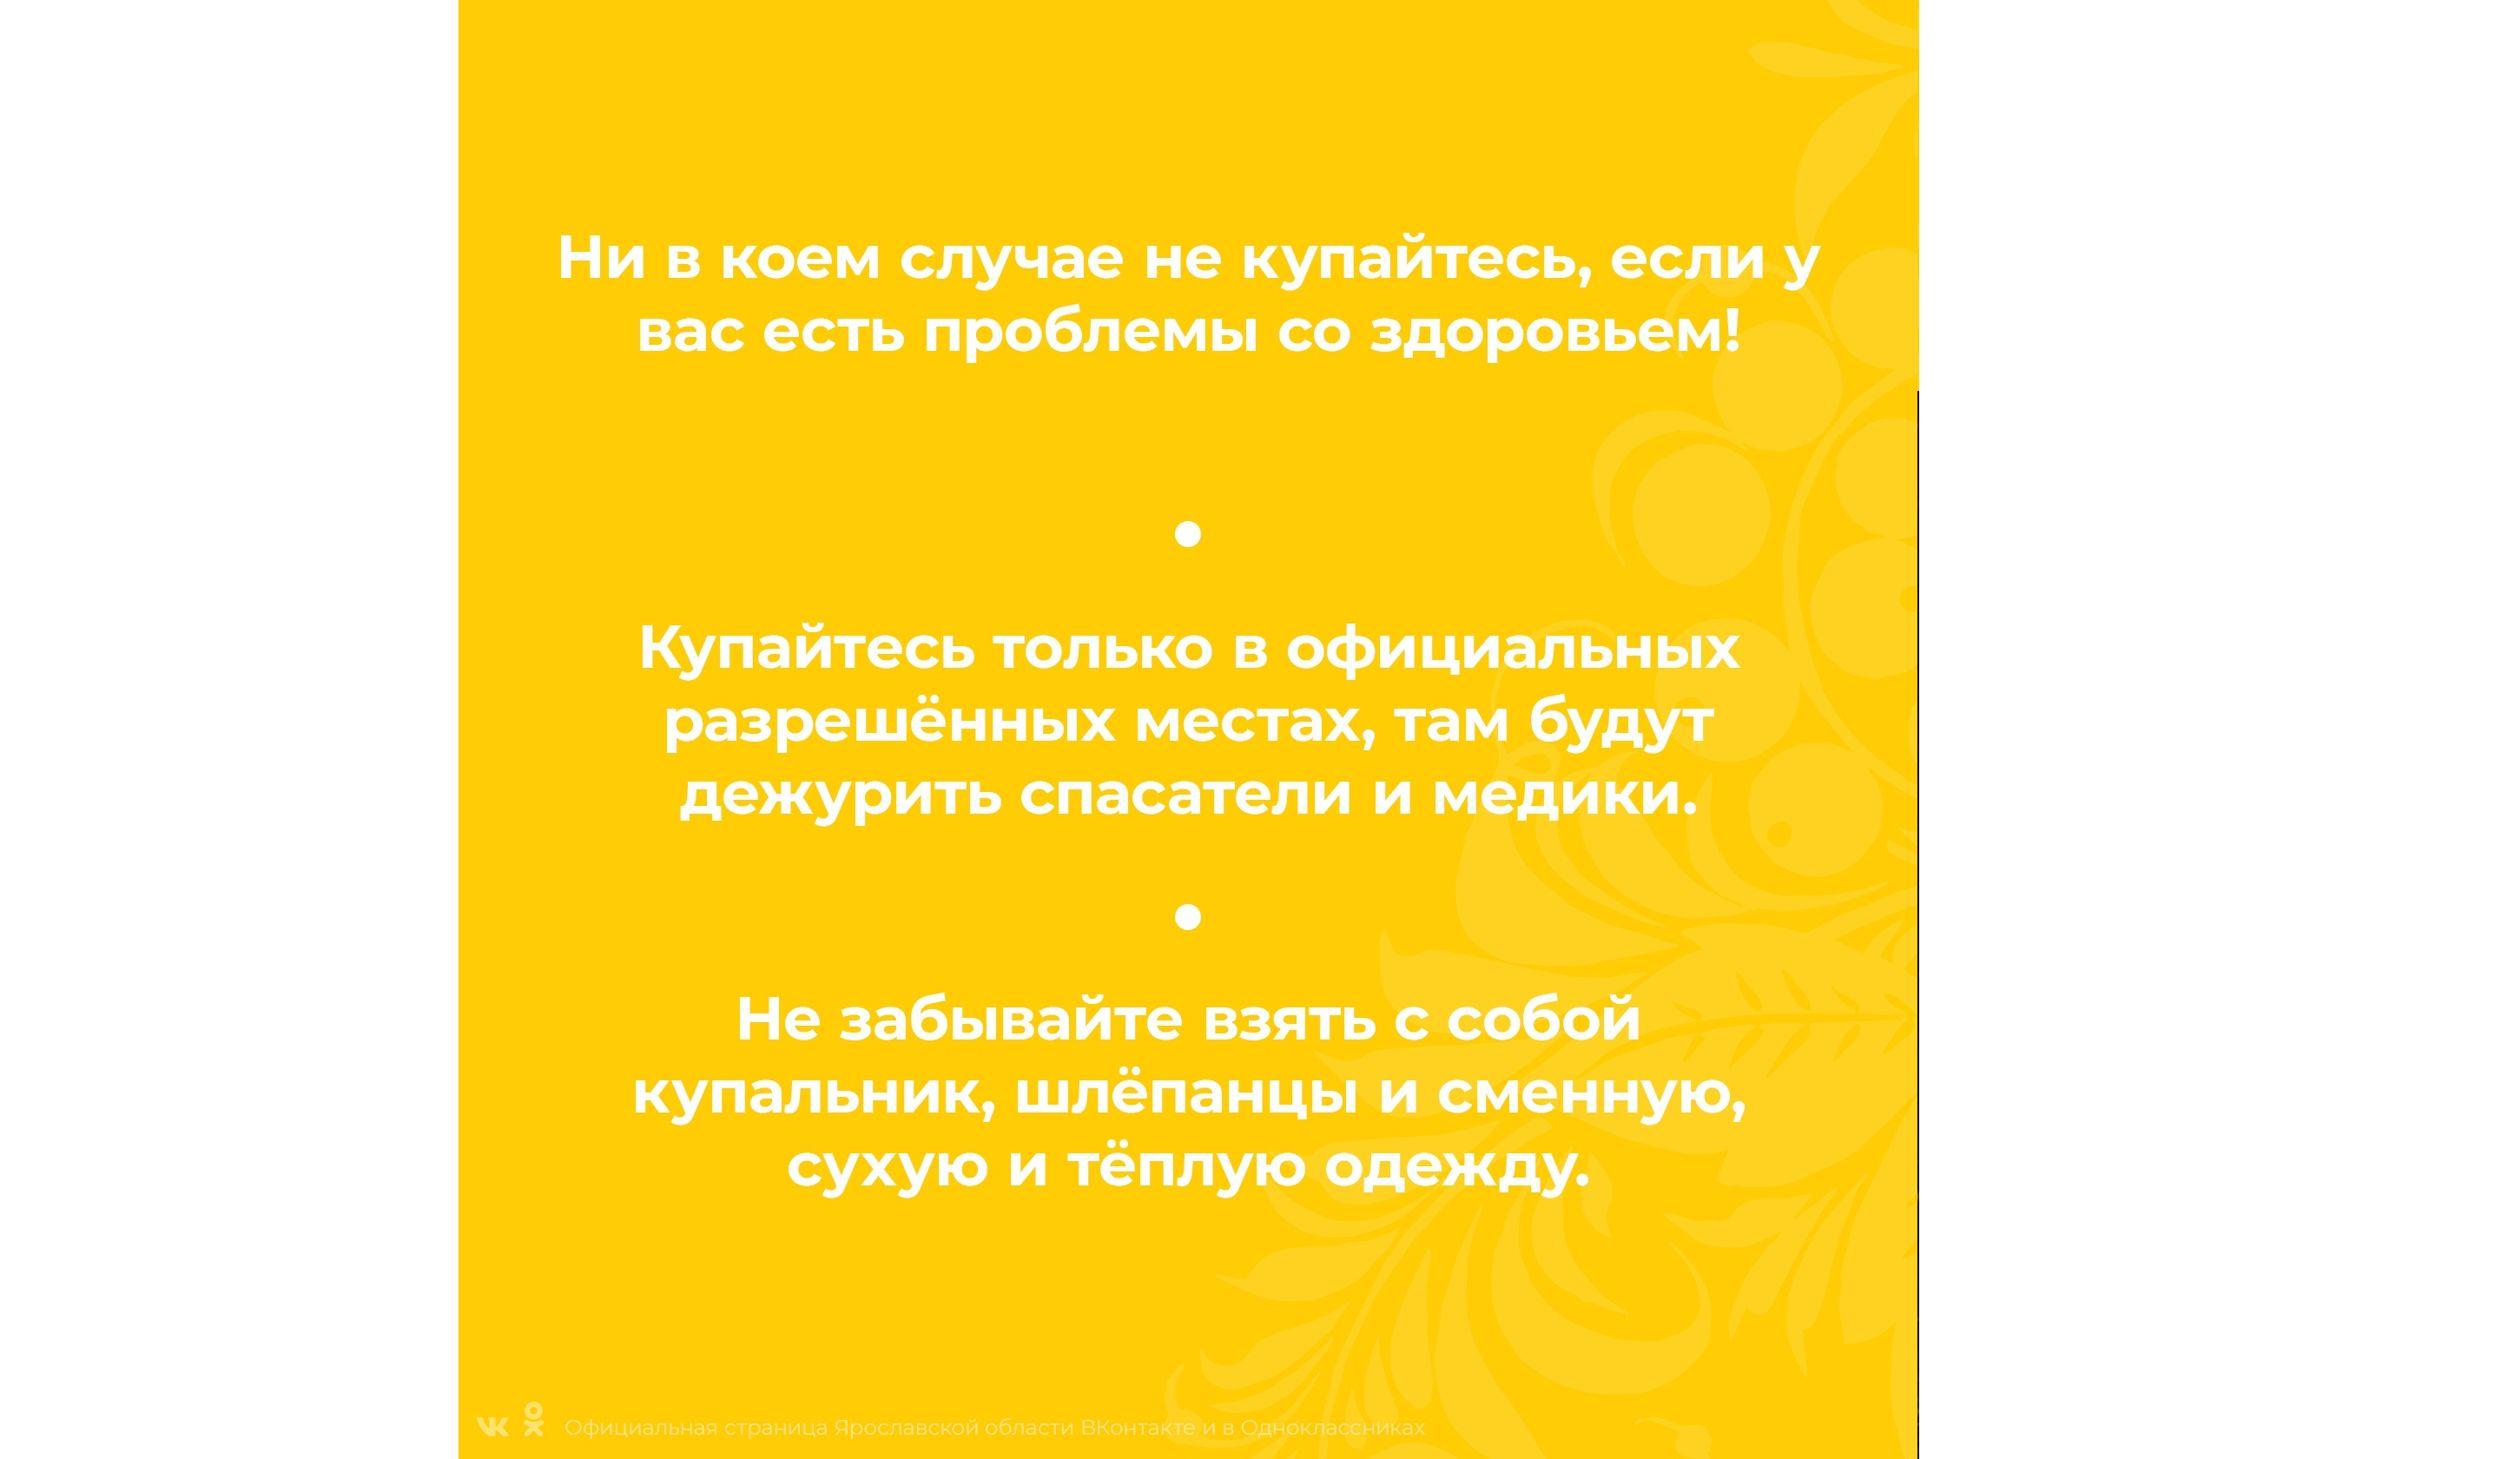 В Ярославской области готовятся отметить Крещение: верующим рассказали о правилах купания в купелях